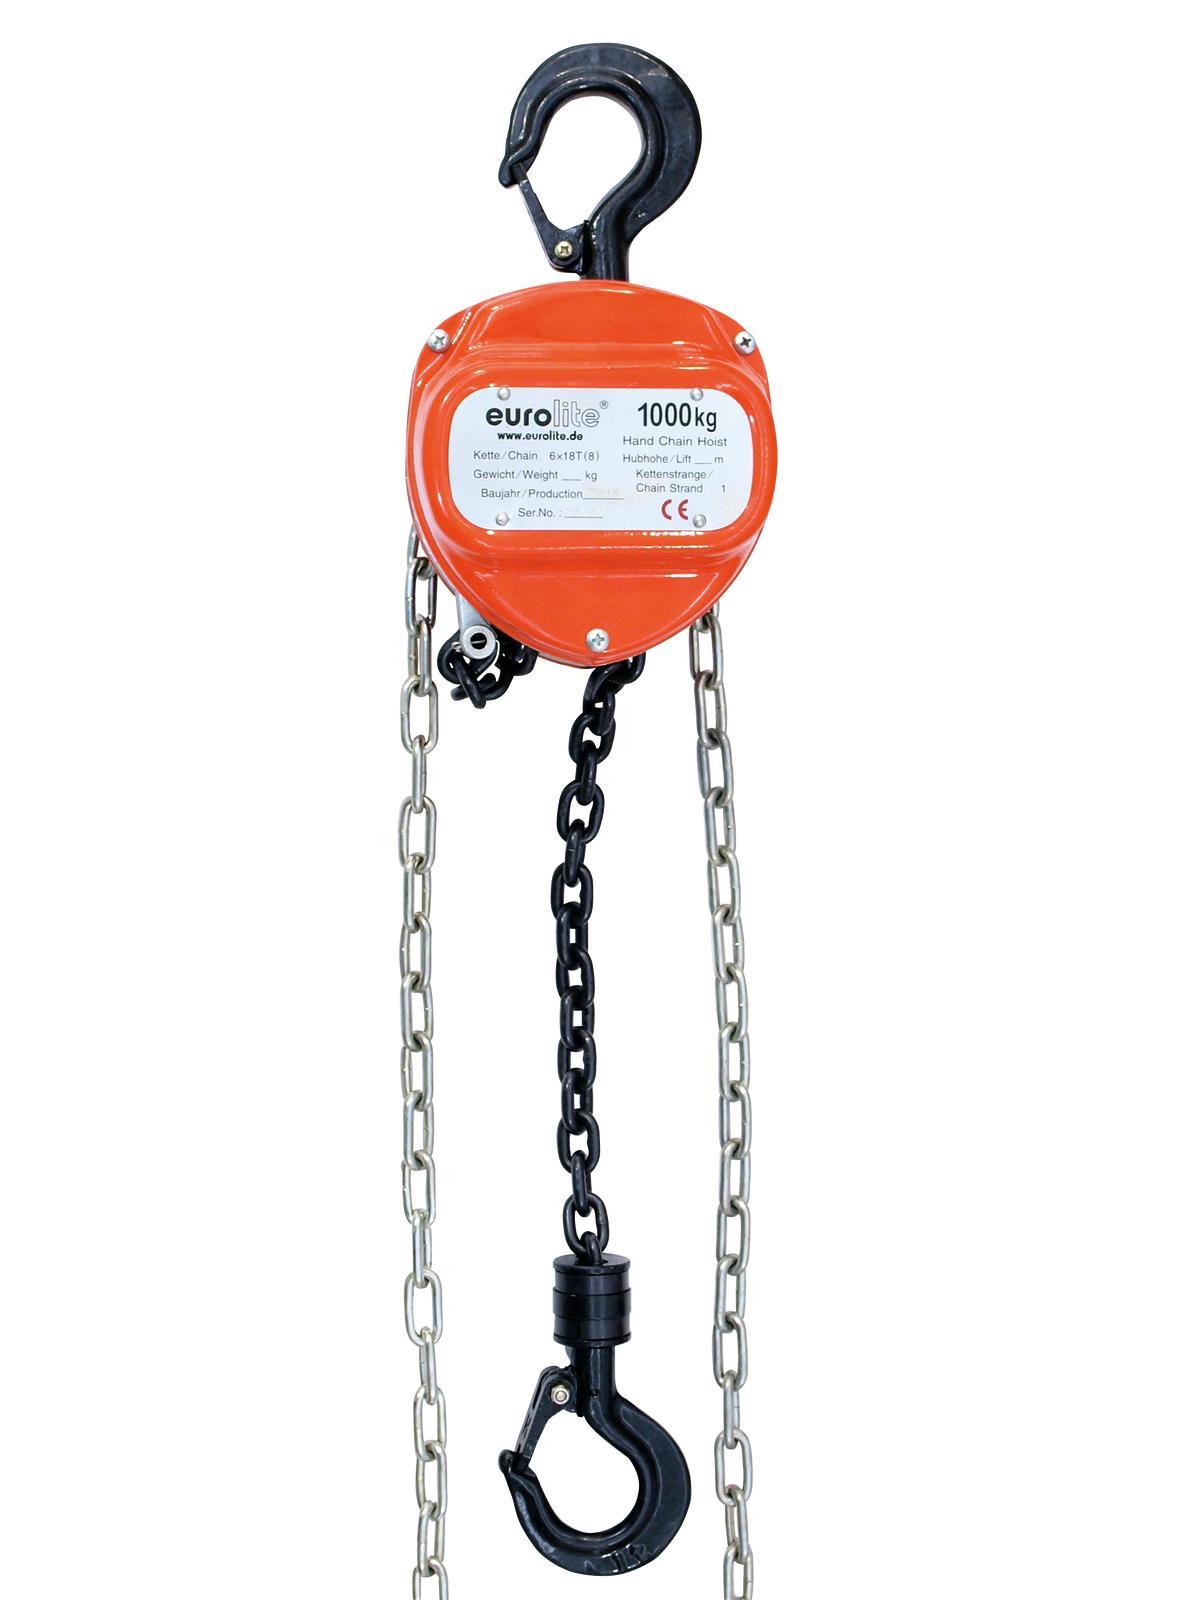 Eurolite řetězový zdvihák 6m/1000kg, oranžový